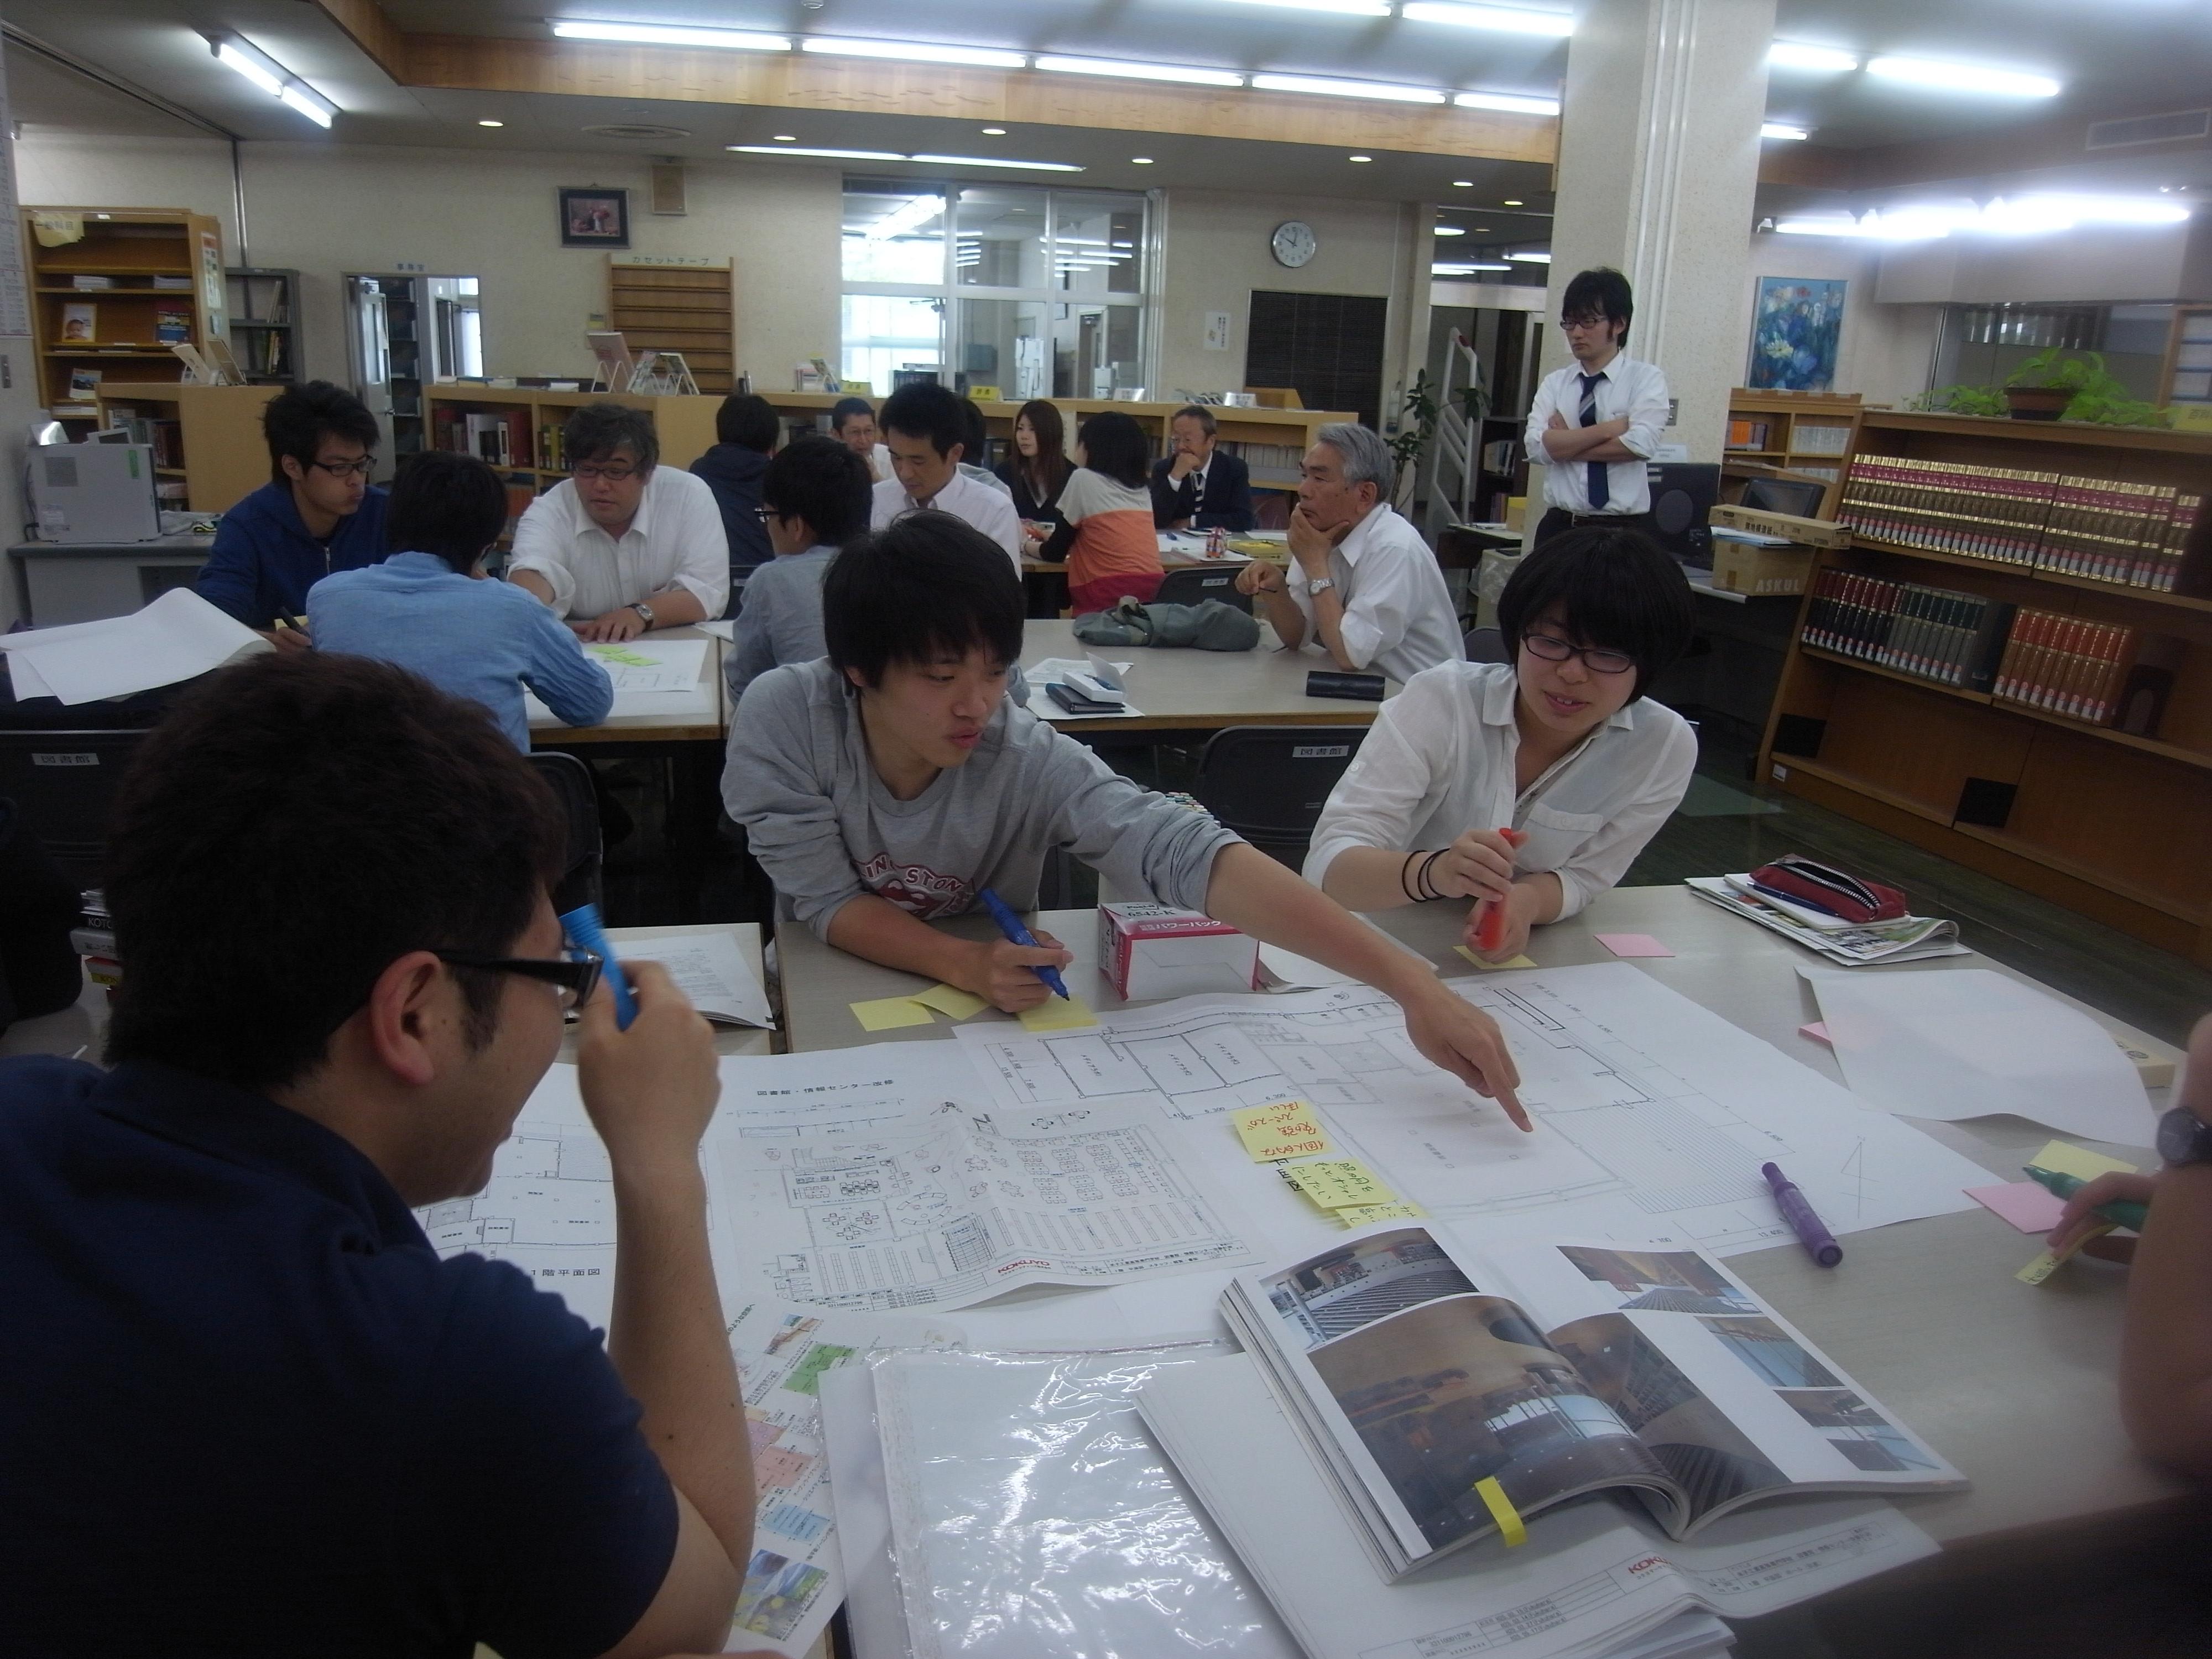 ワークショップ中の学生と教職員